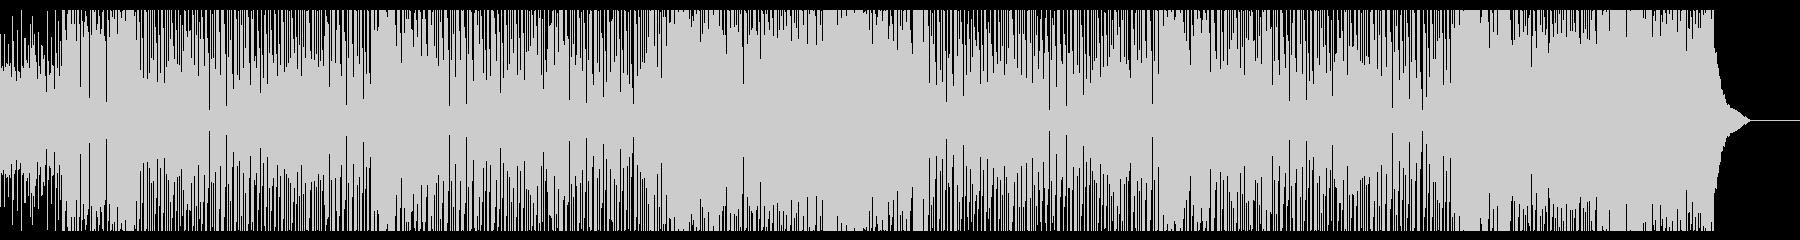 陽気なピアノポップの未再生の波形